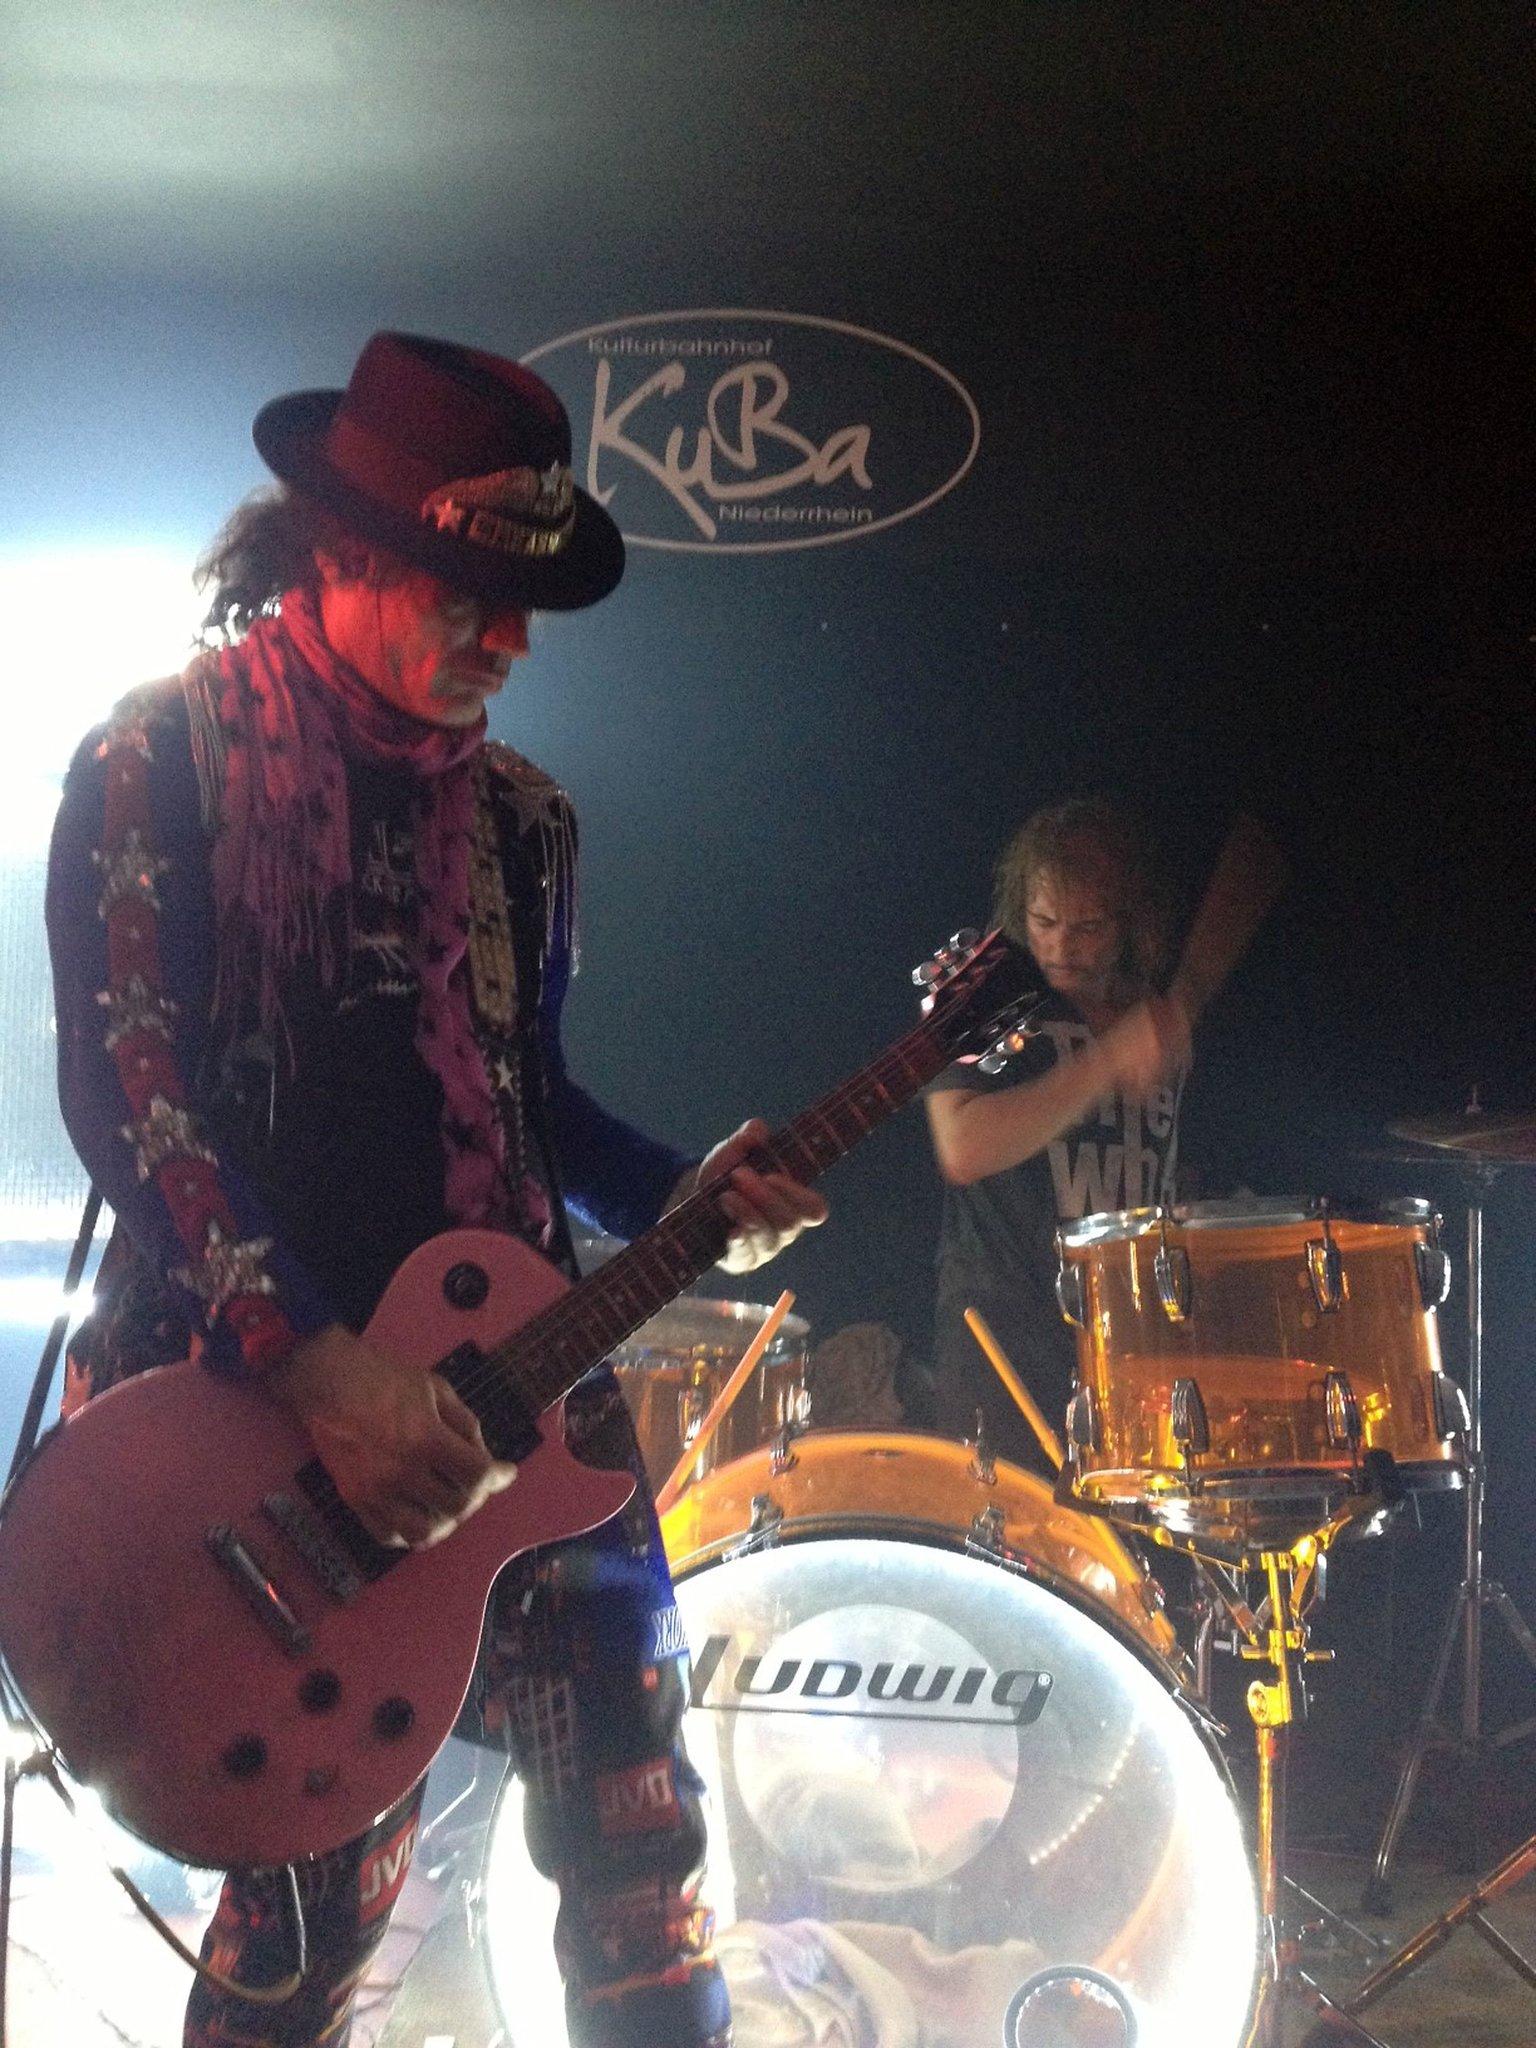 Konzert am Donnerstag, 21. November, im Kulturbahnhof Hamminkeln: Adam Bomb heizt dem KuBa-Publikum ein mit seiner energiegeladenen Rock'n'Roll-Show - Hamminkeln - Lokalkompass.de